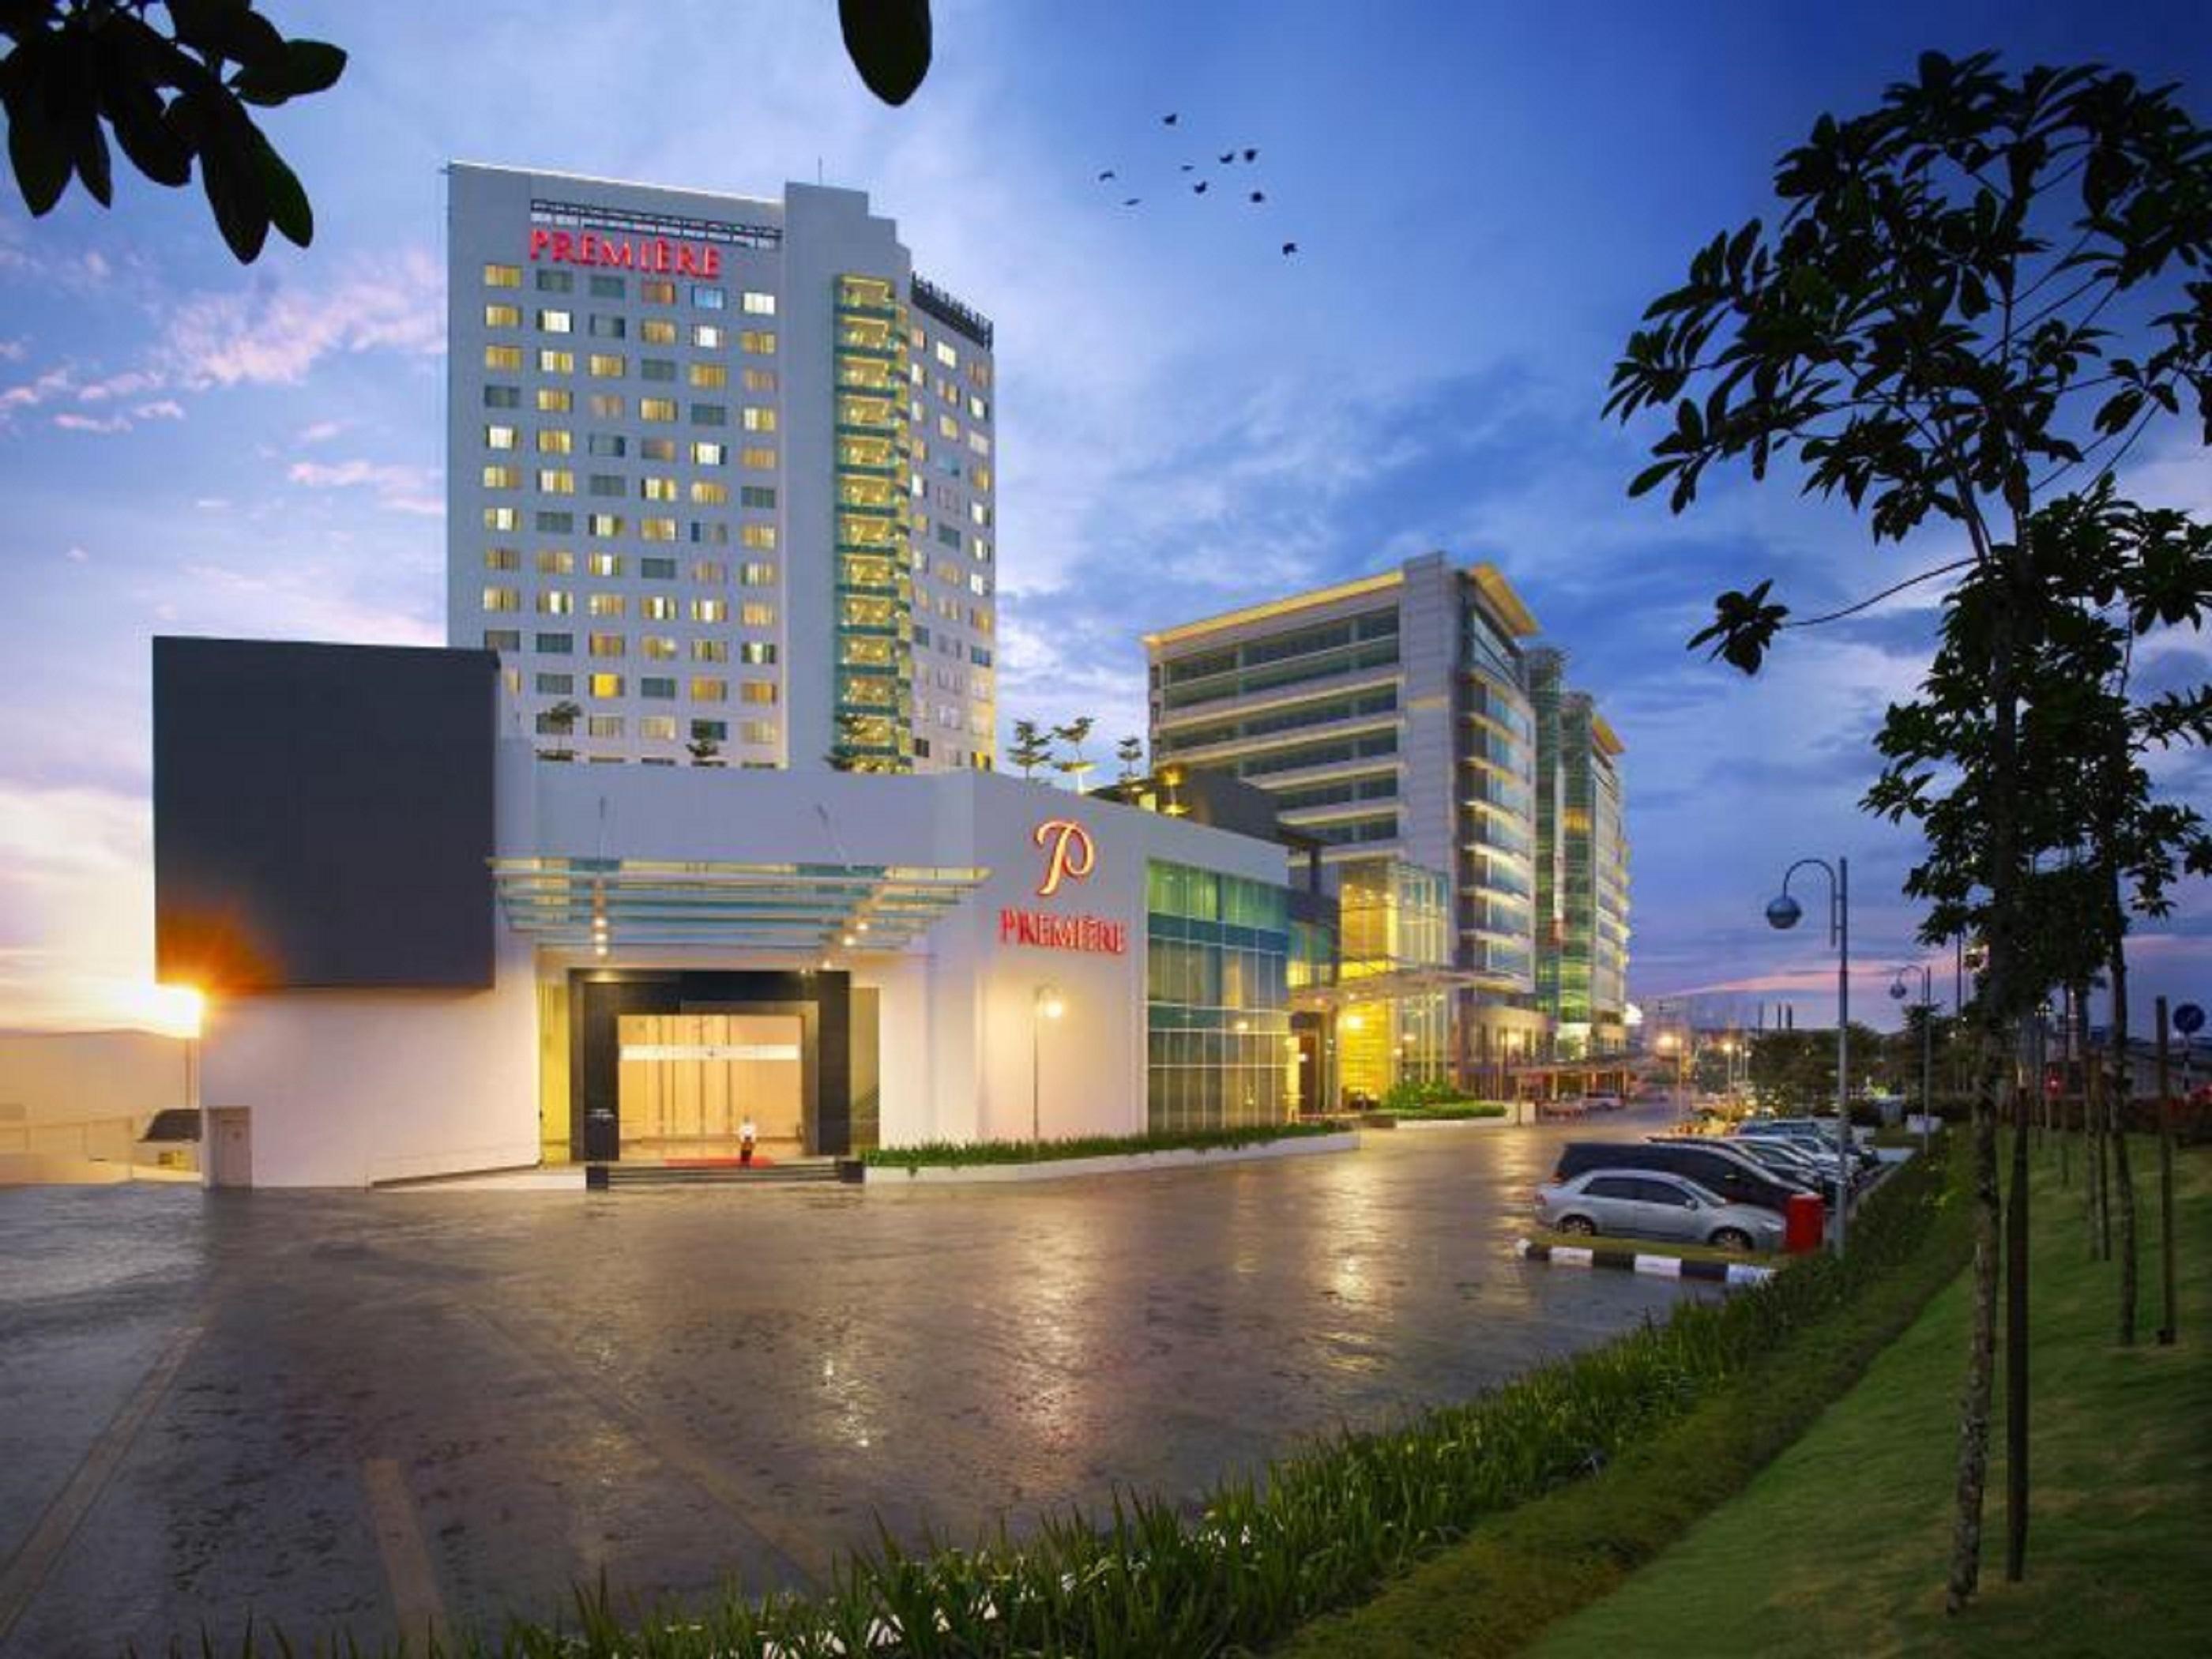 Première Hotel, Klang